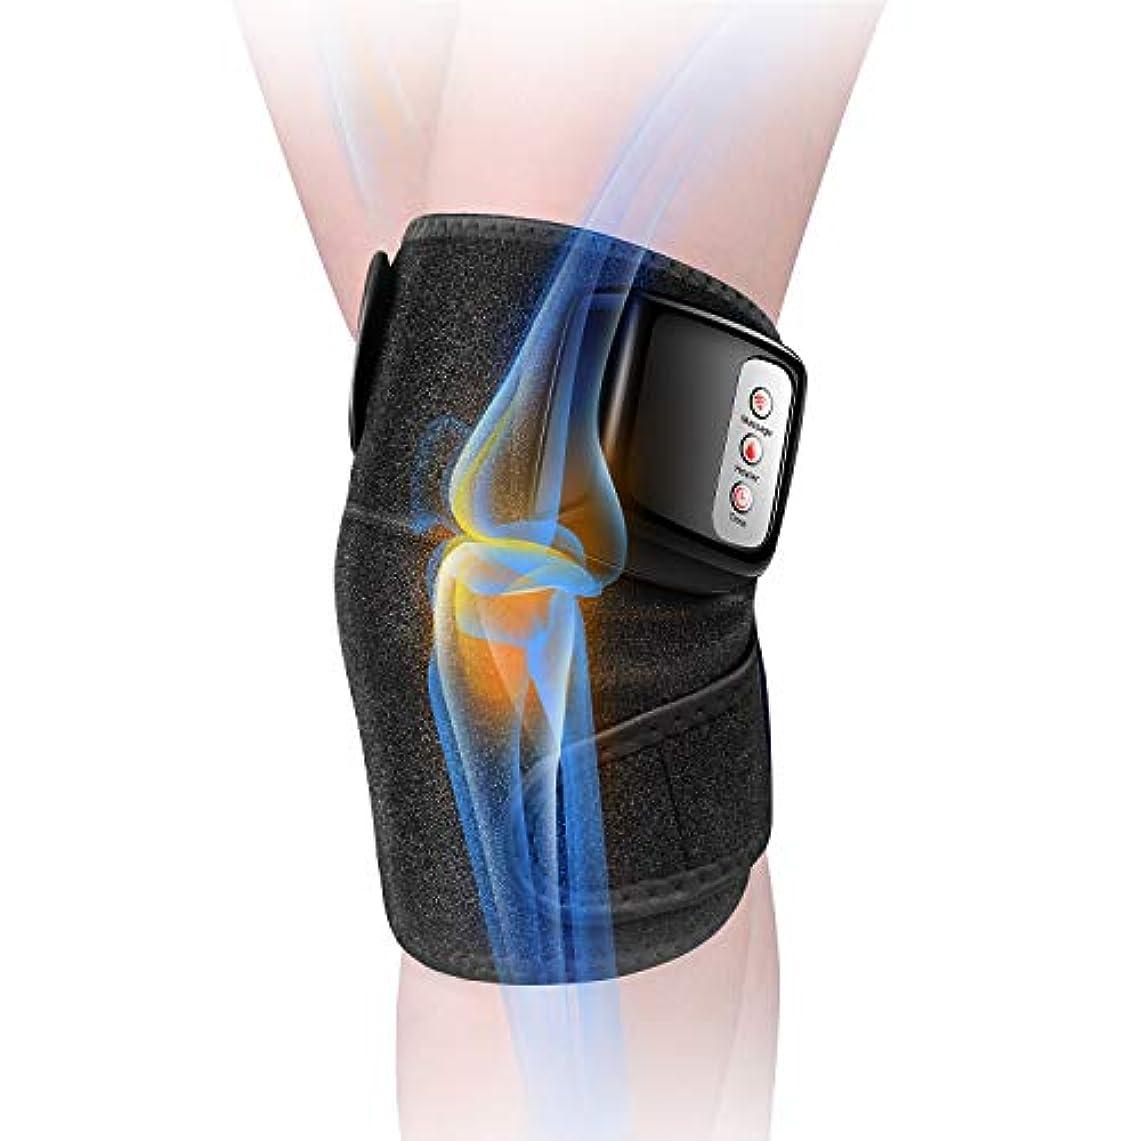 見積り聡明ペン膝マッサージャー 関節マッサージャー マッサージ器 フットマッサージャー 振動 赤外線療法 温熱療法 膝サポーター ストレス解消 肩 太もも/腕対応